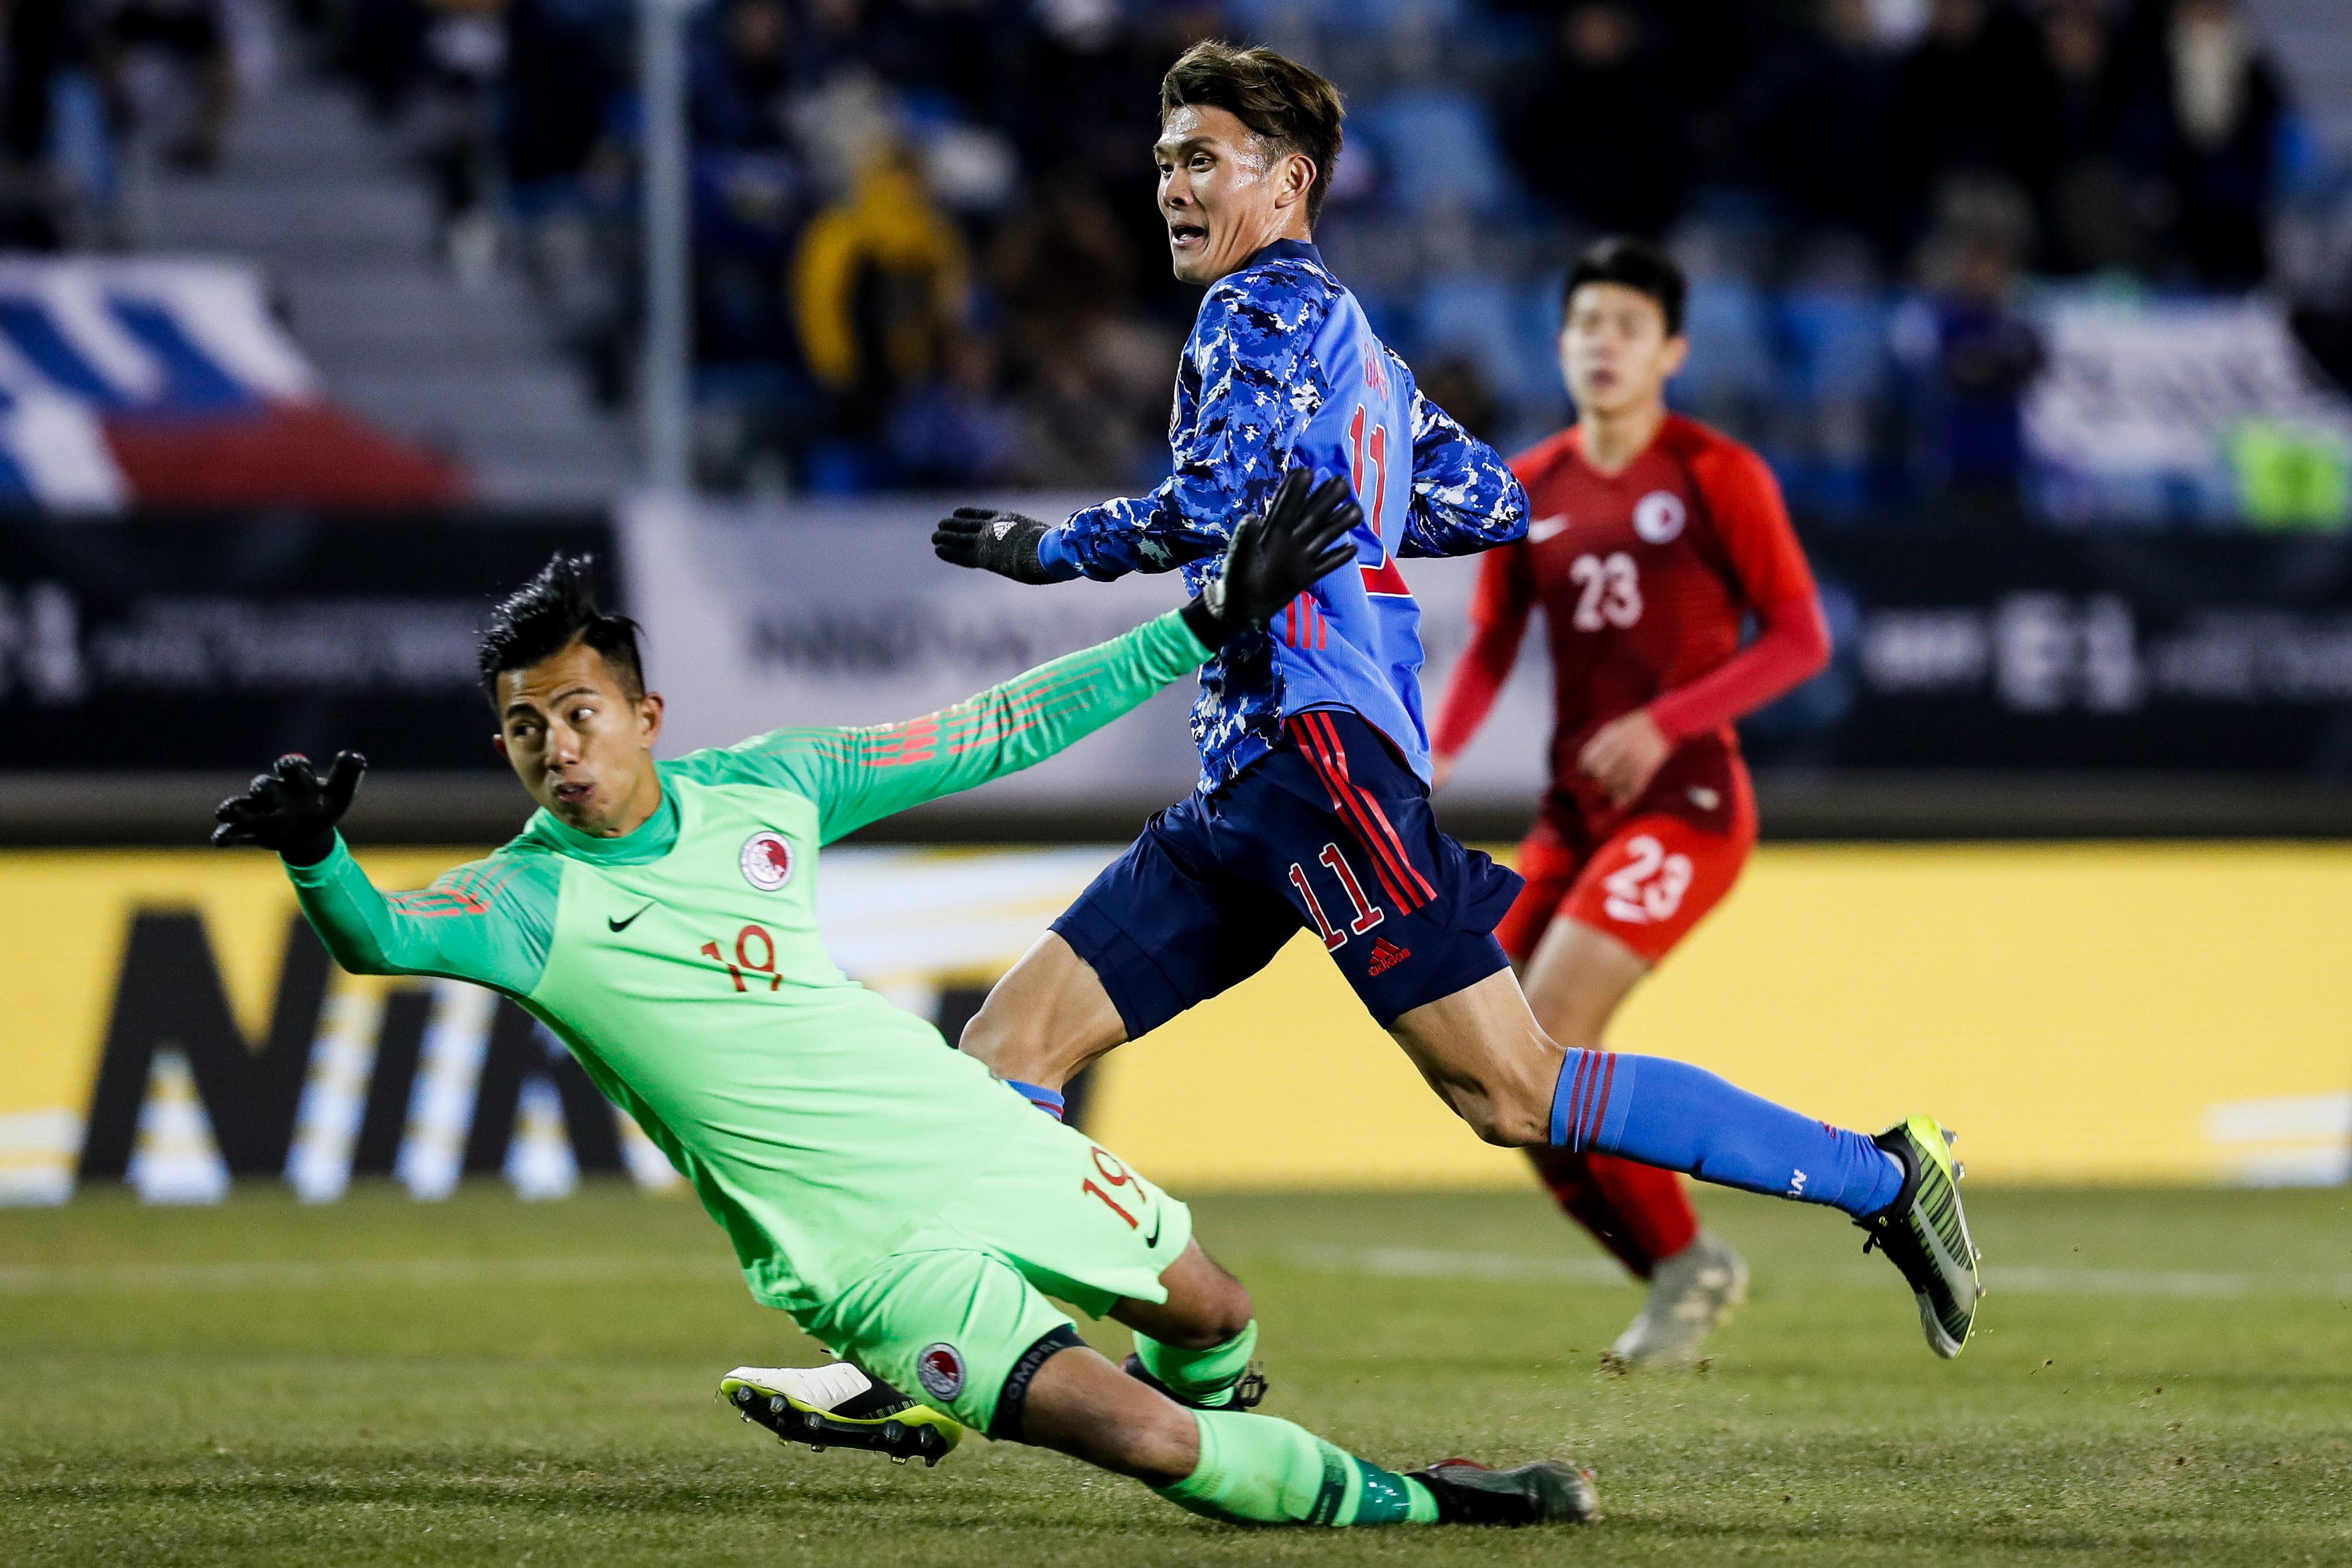 Japan v Hong Kong - Men's EAFF E-1 Football Championship